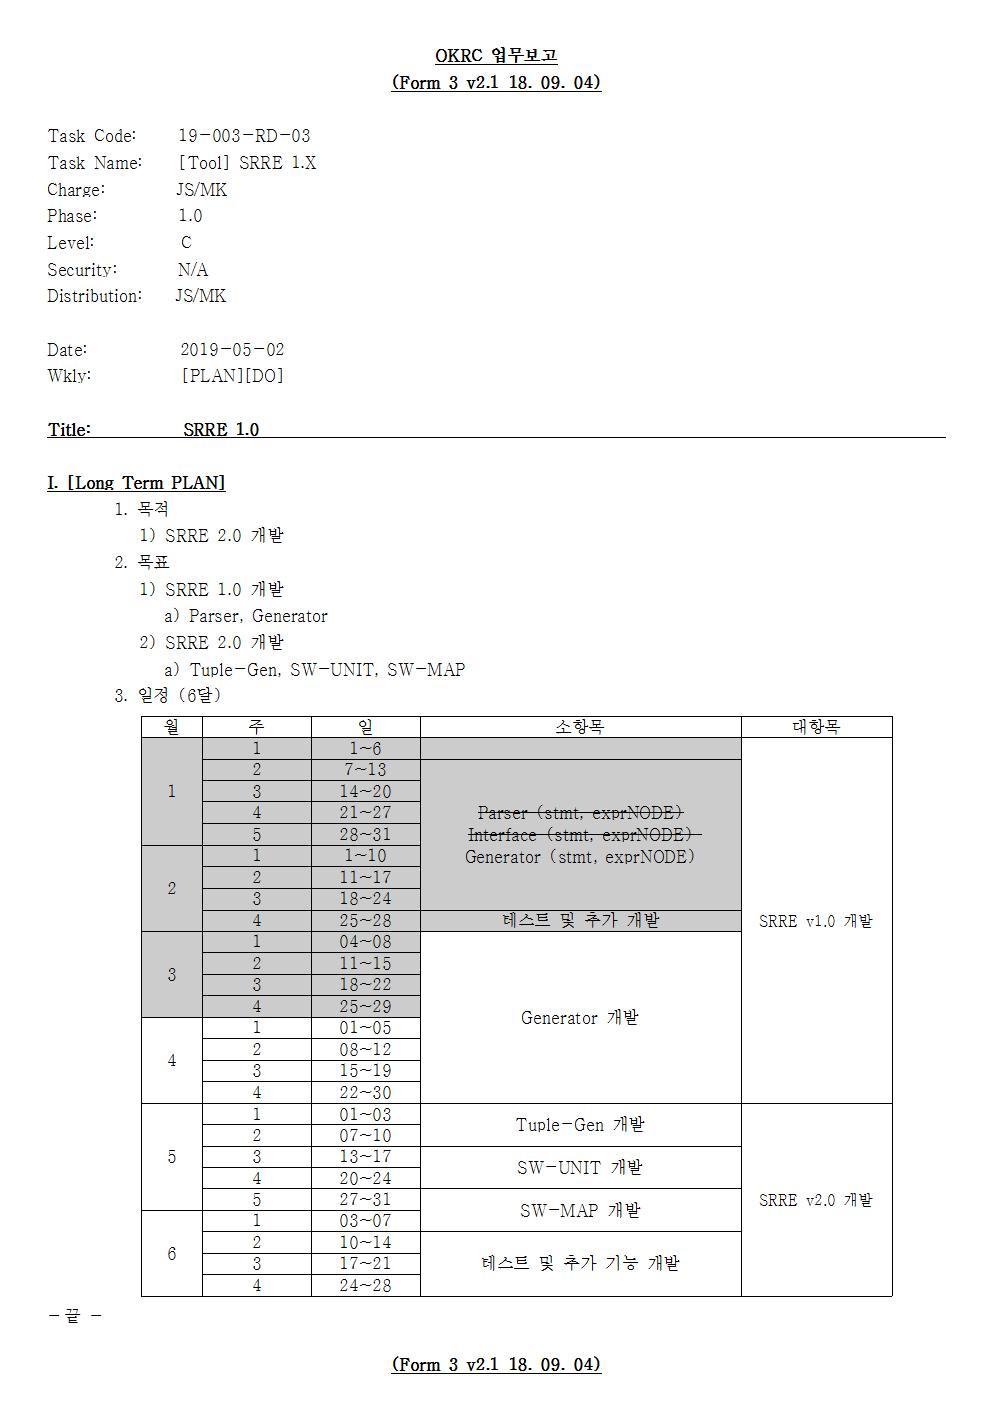 D-[19-003-RD-03]-[Tool-SRRE-1.X]-[2019-05-02][JS]001.jpg